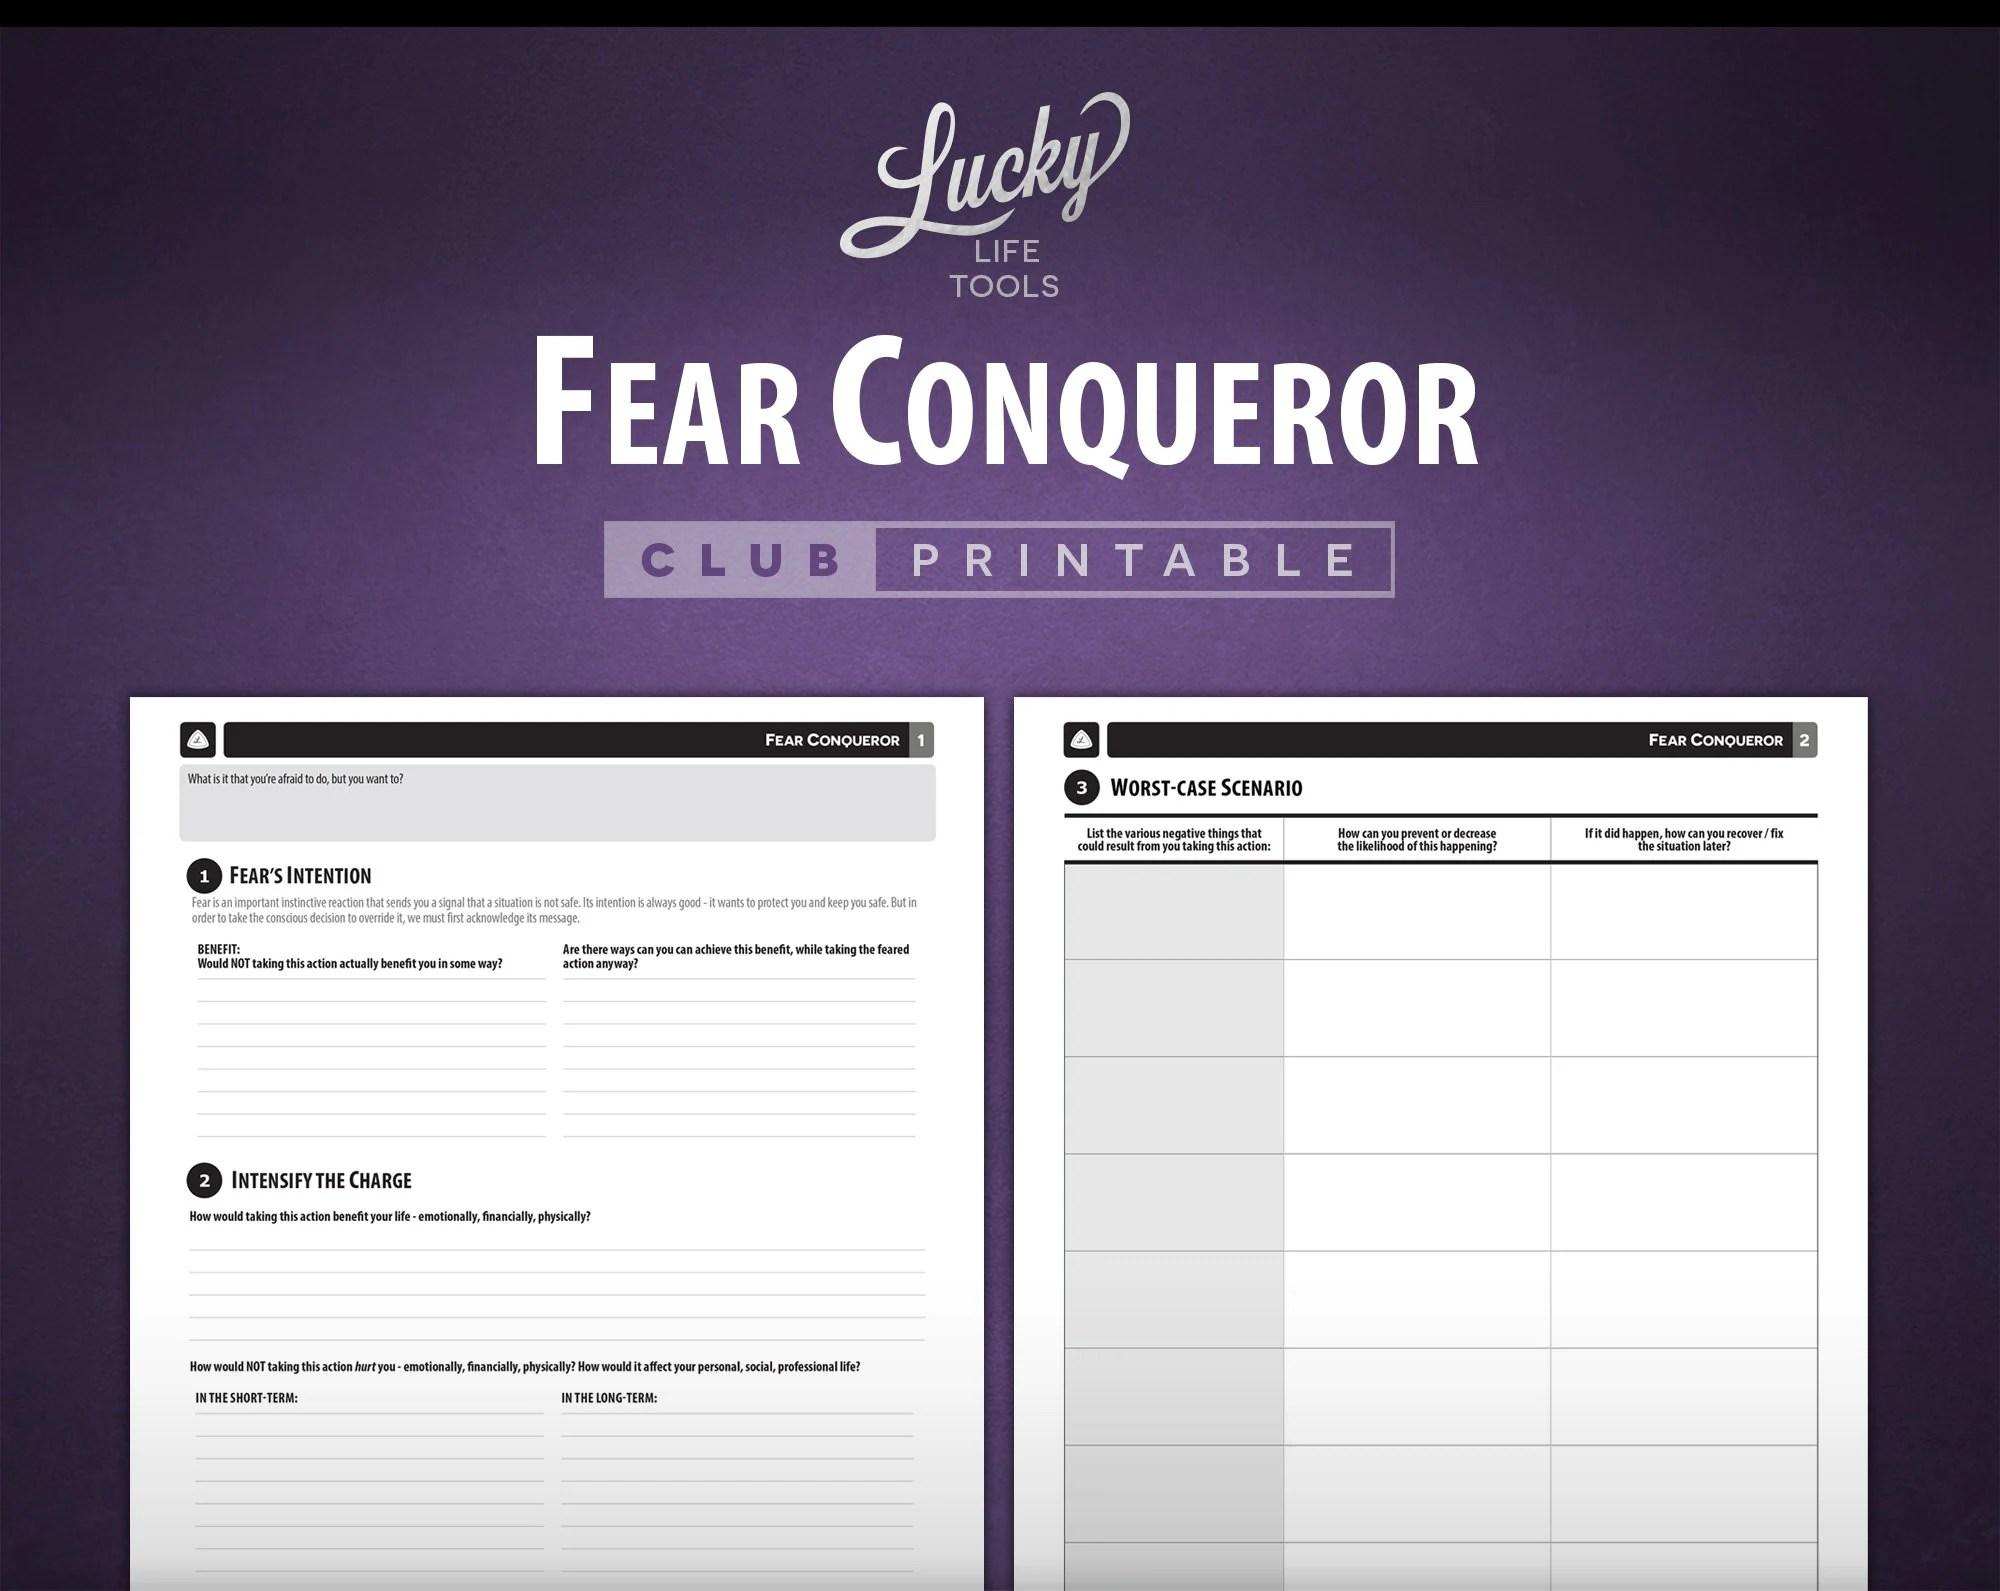 Fear Conqueror